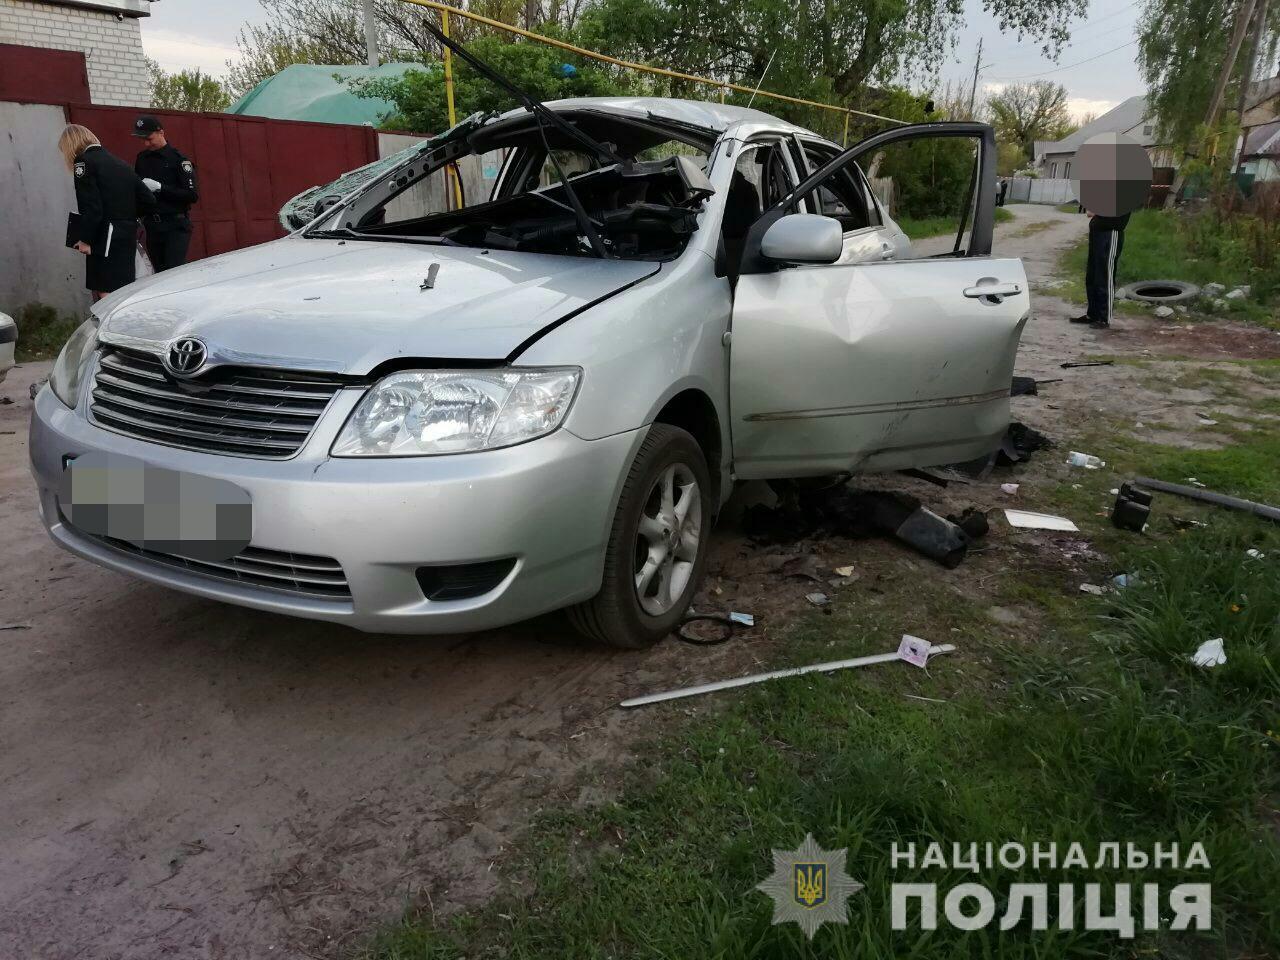 Взрыв гранаты в автомобиле в Харькове: раненый в тяжелом состоянии, ему ампутировали конечности